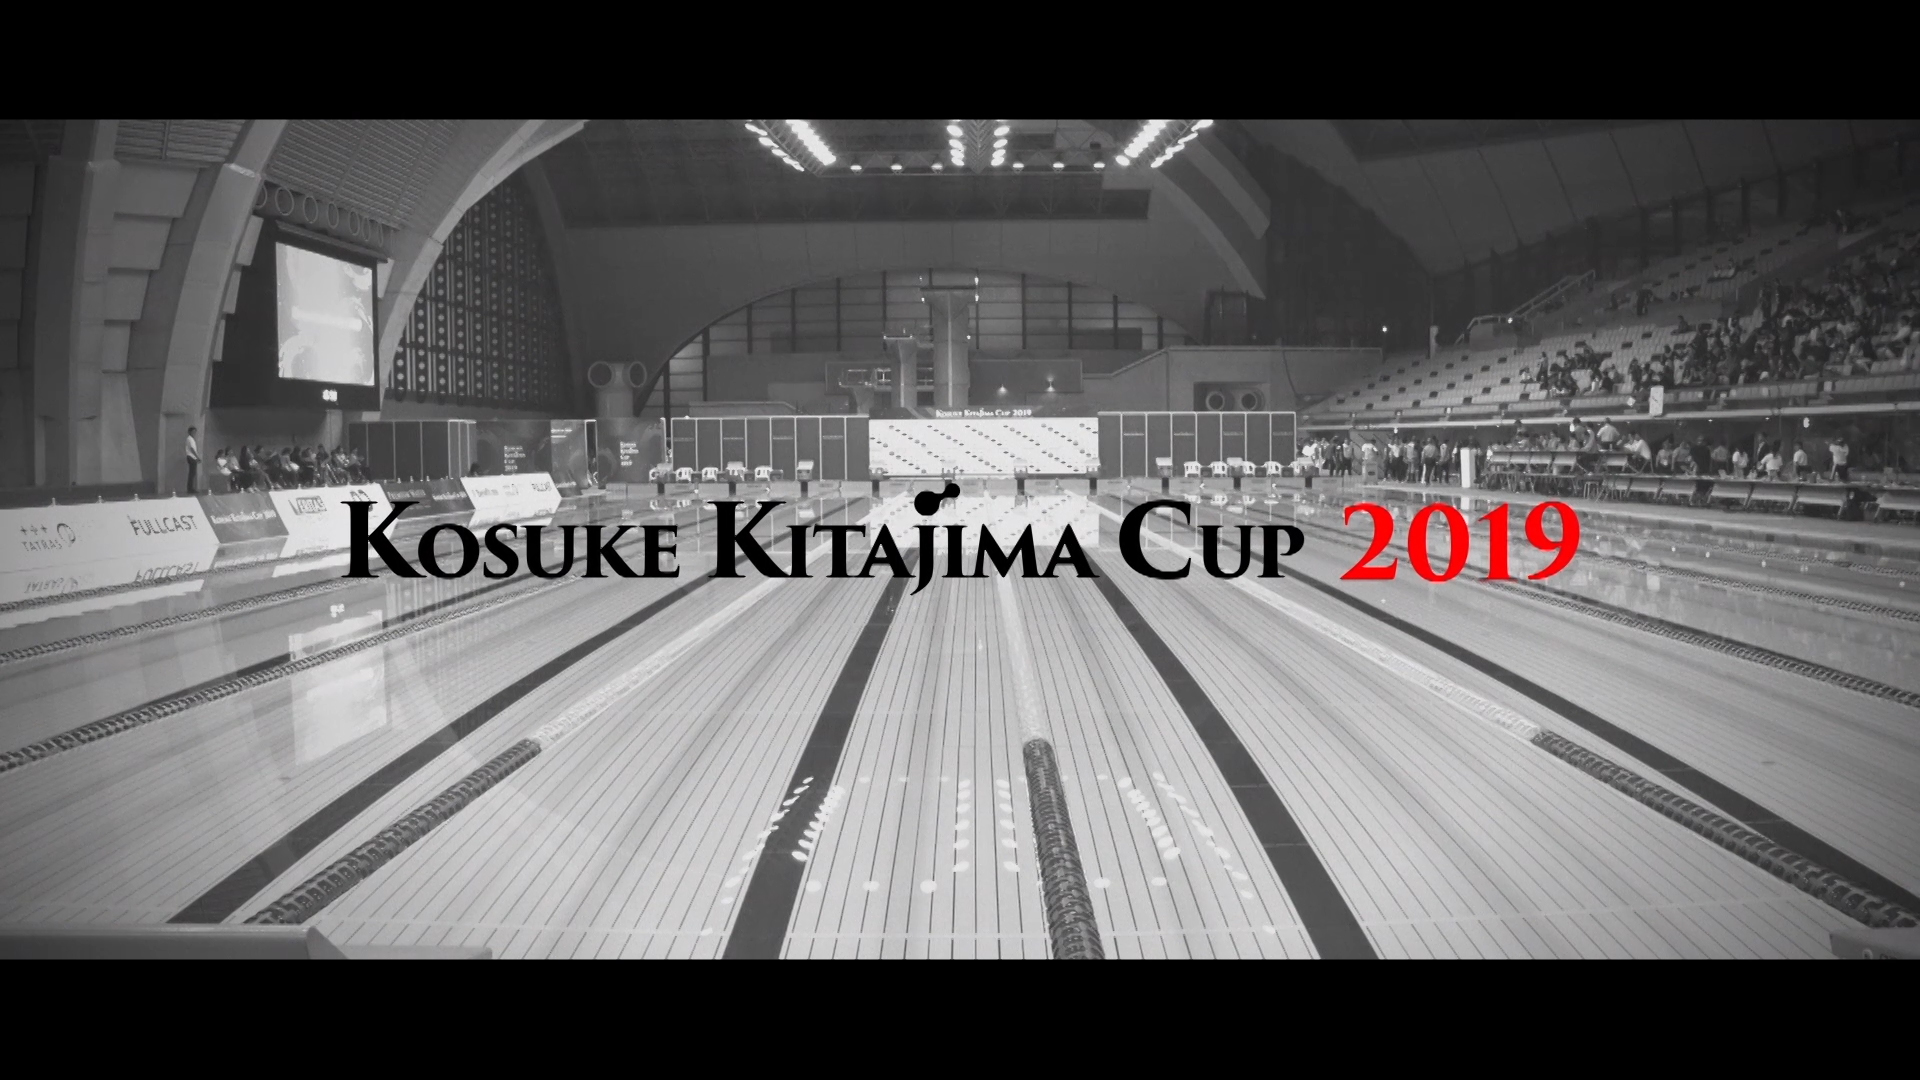 Kousuke kitajima Cup 2019 ドリームマッチ イメージ